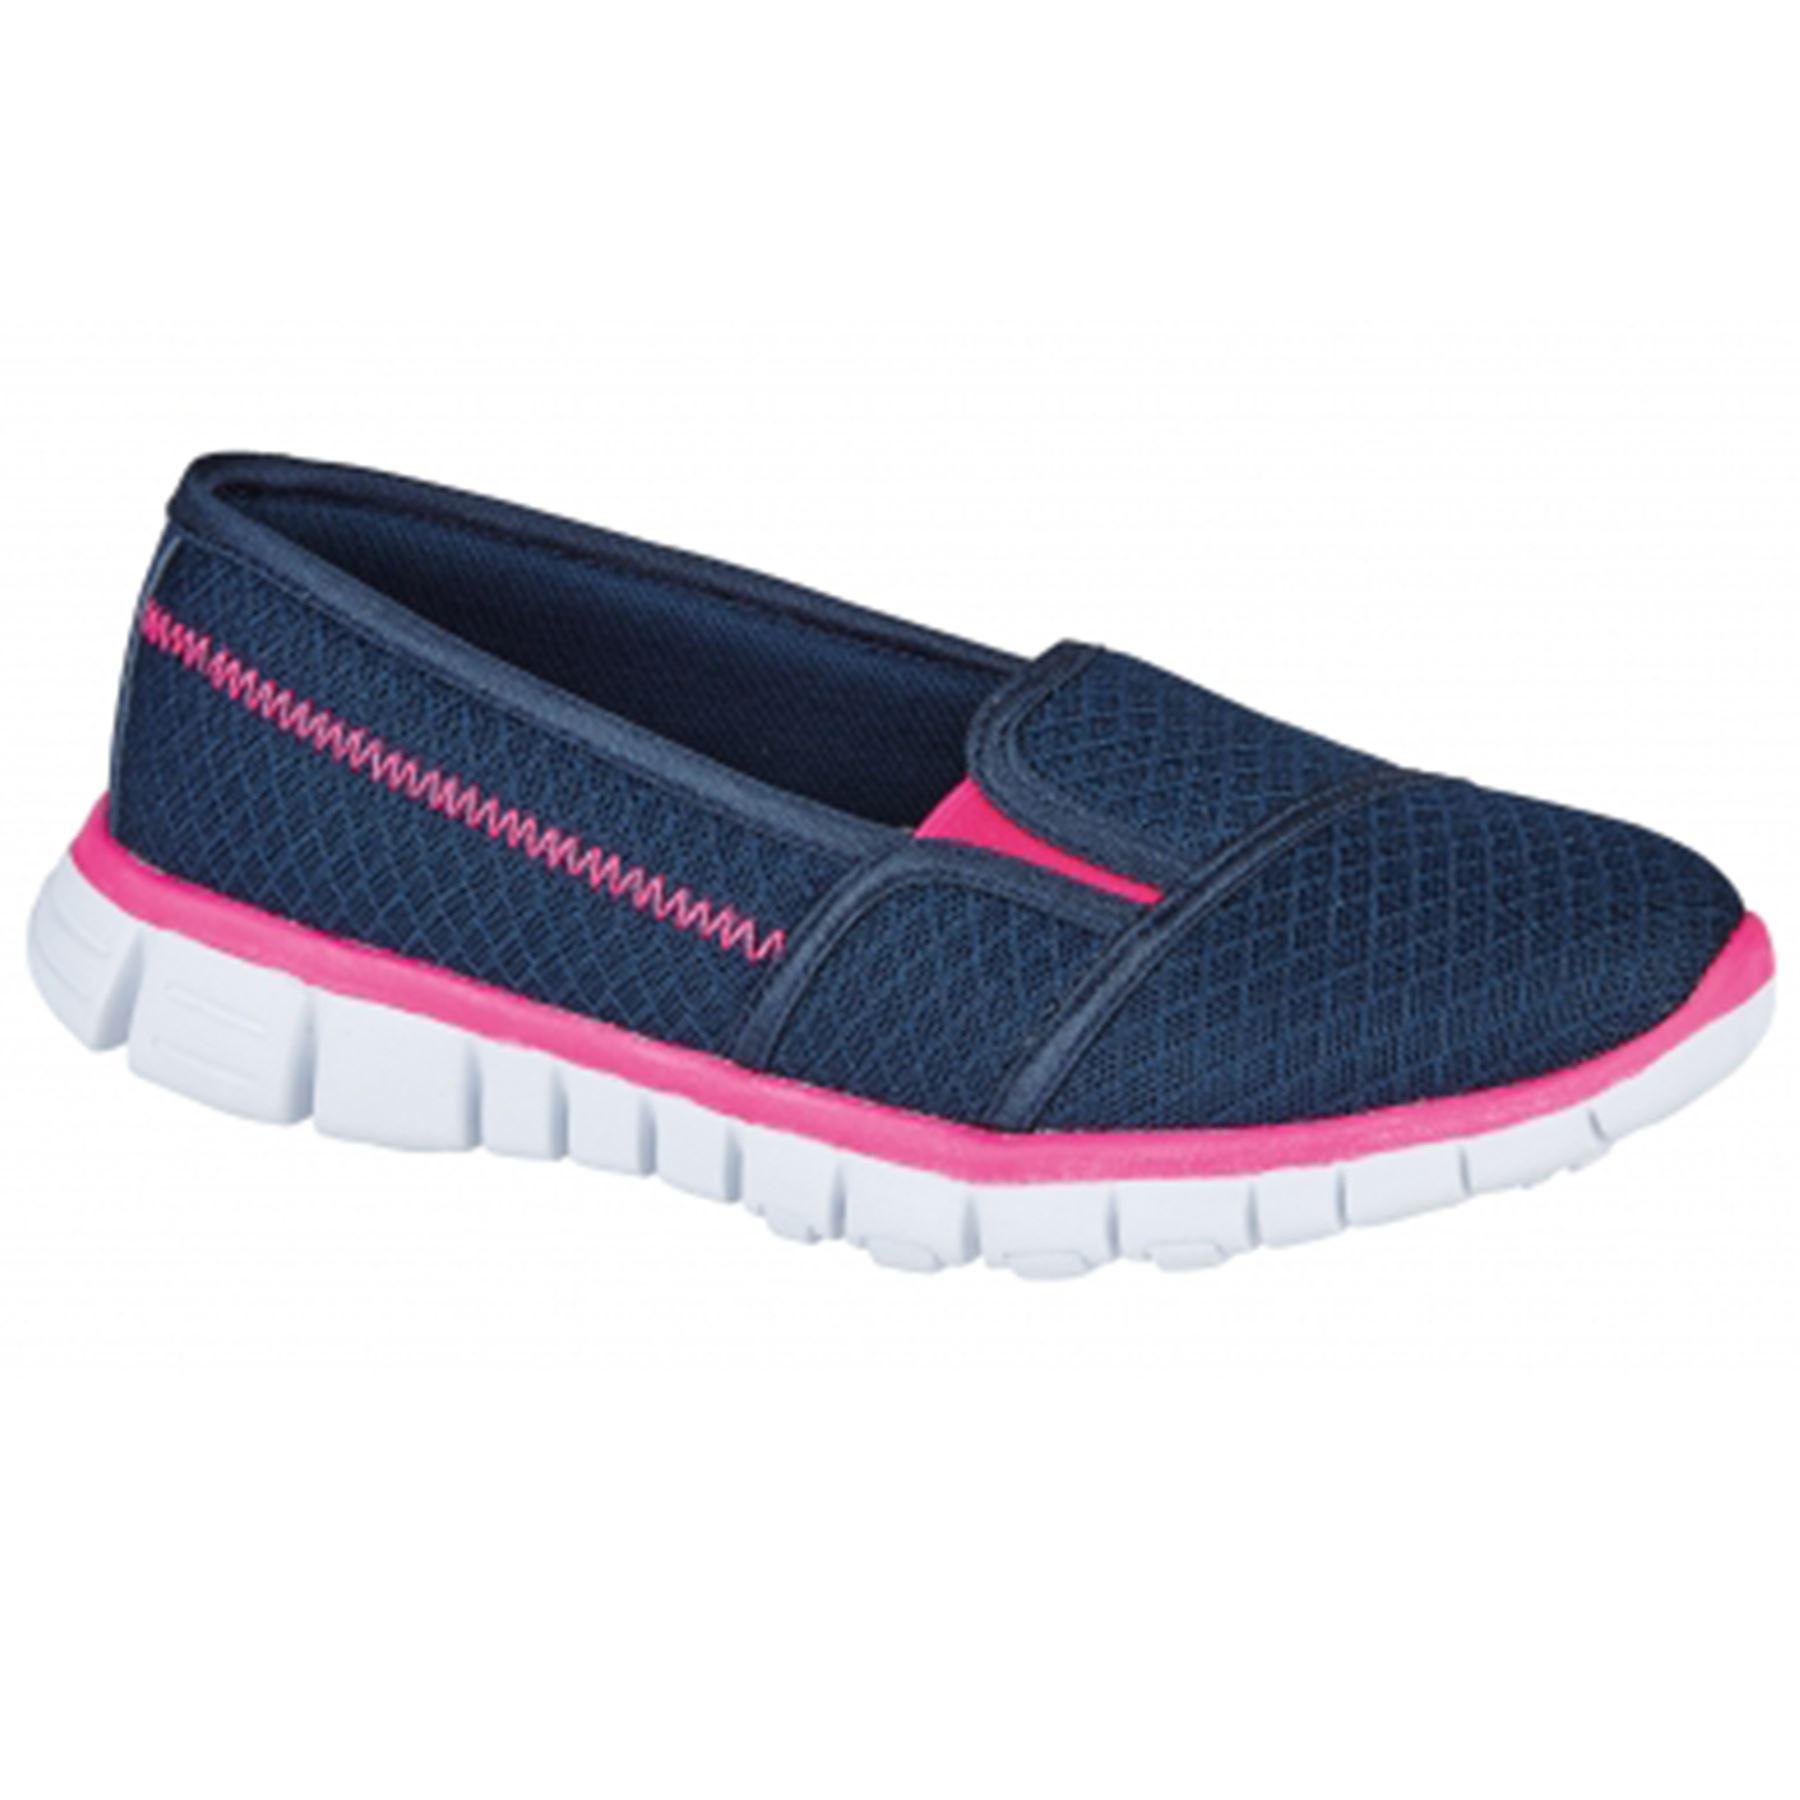 Pulse Mujer Ligero Sin Cordones Caminar transpirable Cómodo Zapatillas